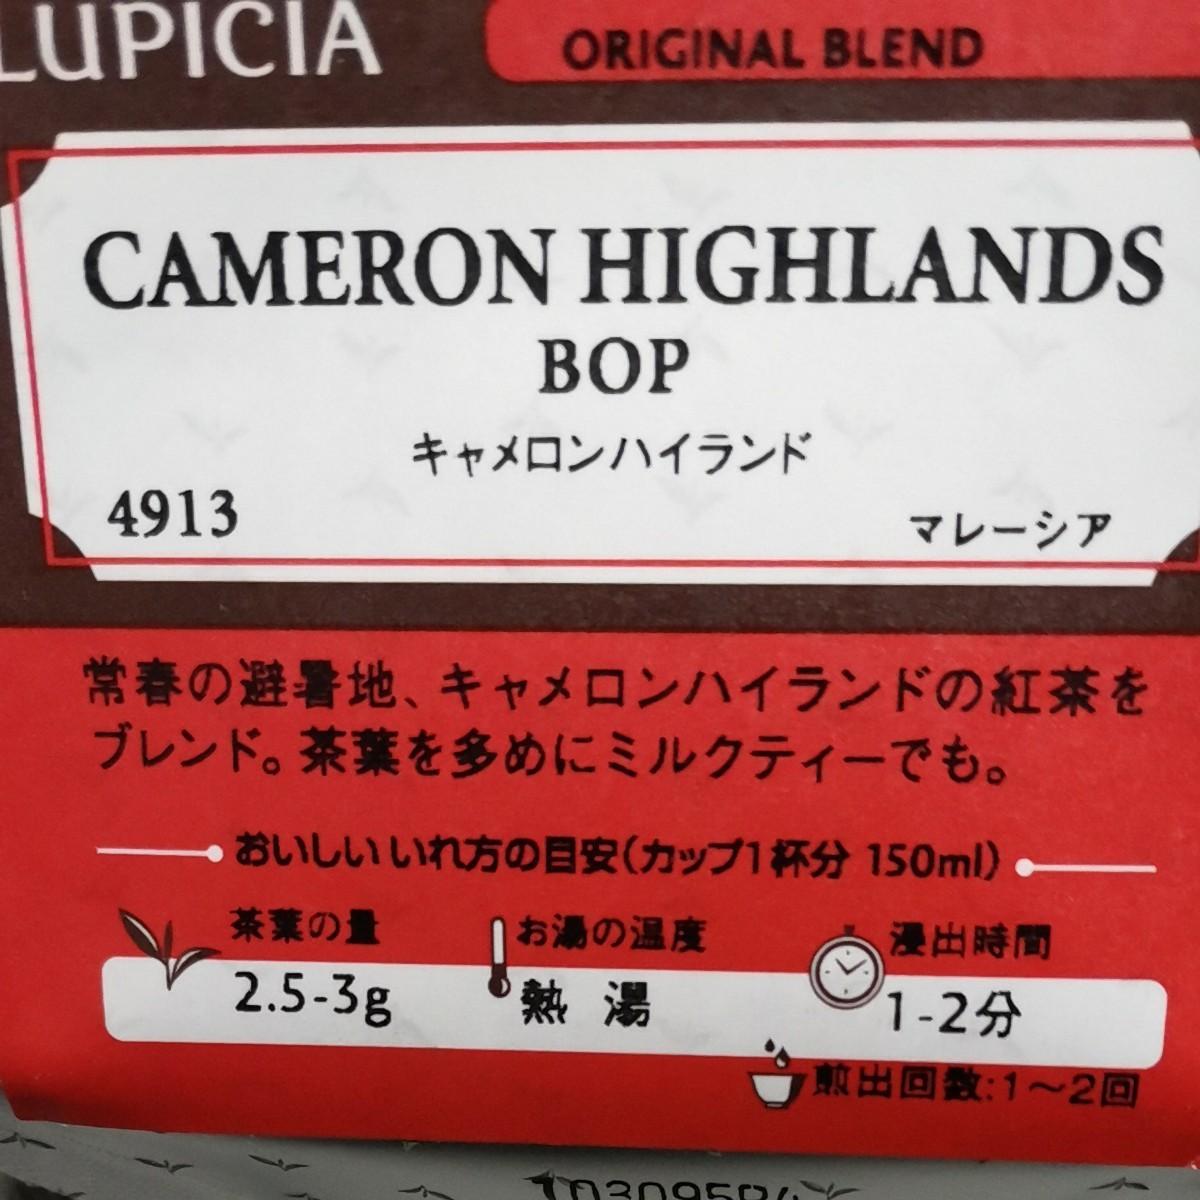 LUPICIA キャメロンハイランド 紅茶 しっかりした味わい ミルクティー  LUPICIA ルピシア 紅茶